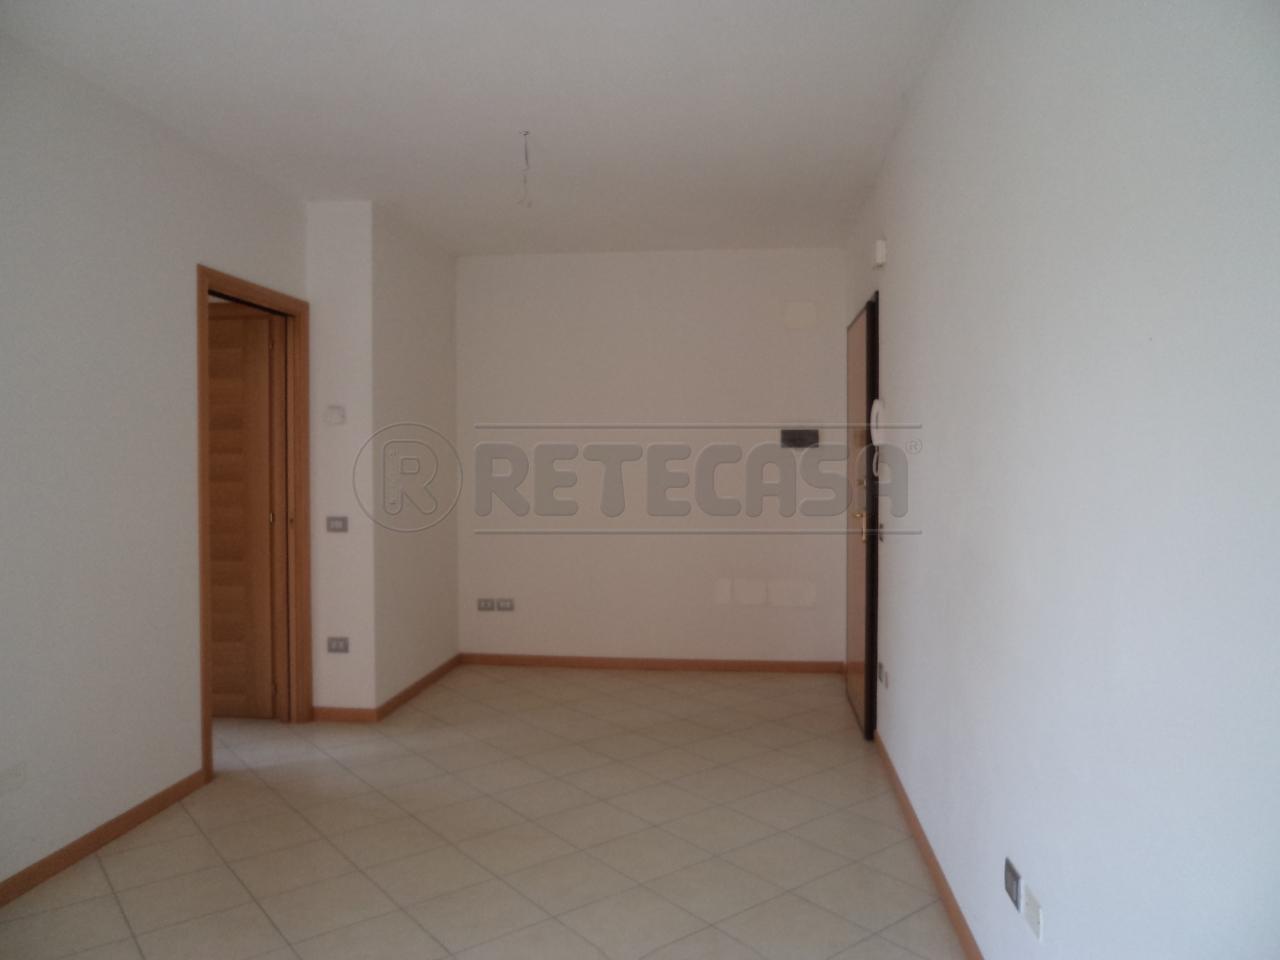 Appartamento in vendita a San Giorgio delle Pertiche, 9999 locali, prezzo € 79.000 | Cambio Casa.it